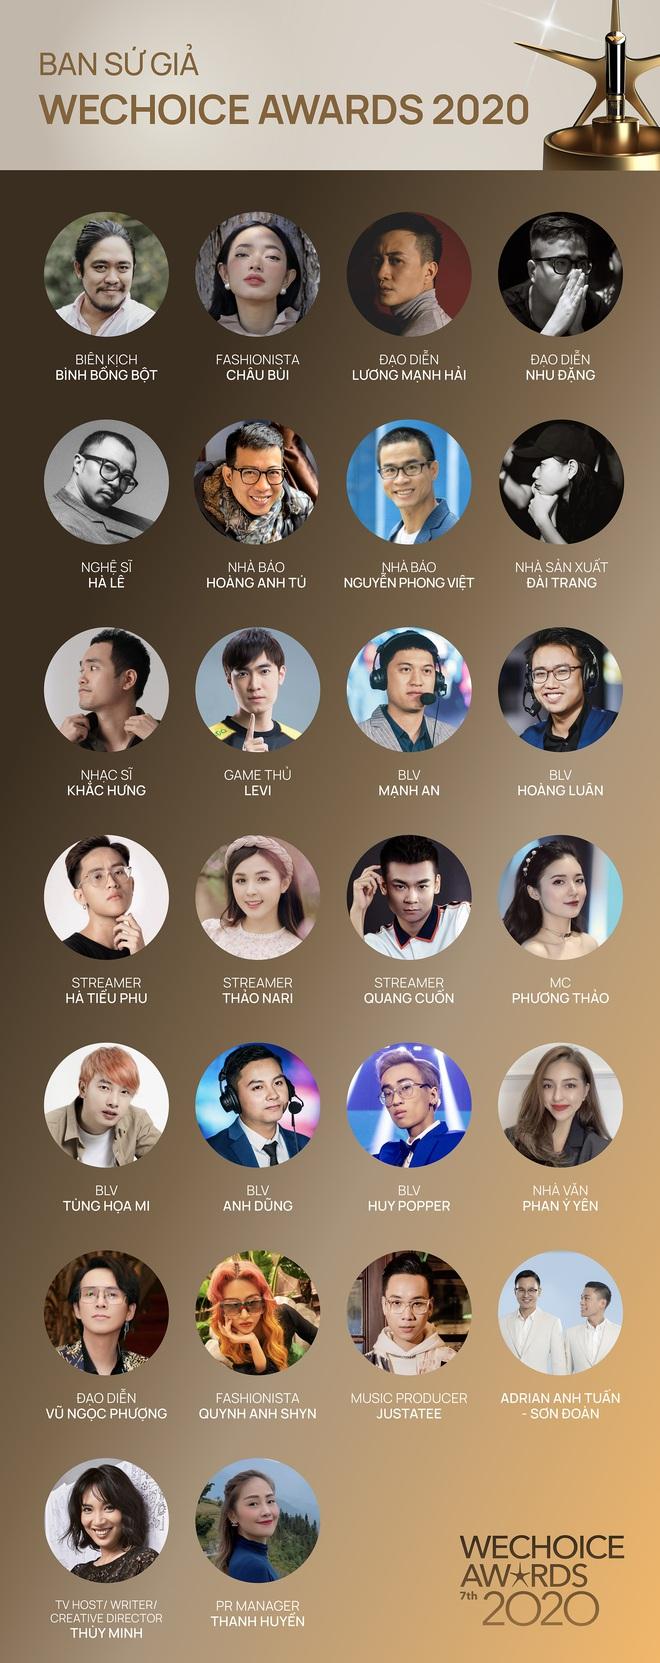 Ban Sứ Giả WeChoice Awards 2020: Toàn những gương mặt được cộng đồng tin tưởng, hứa hẹn sẽ cho thấy rất nhiều góc nhìn thú vị! - ảnh 2